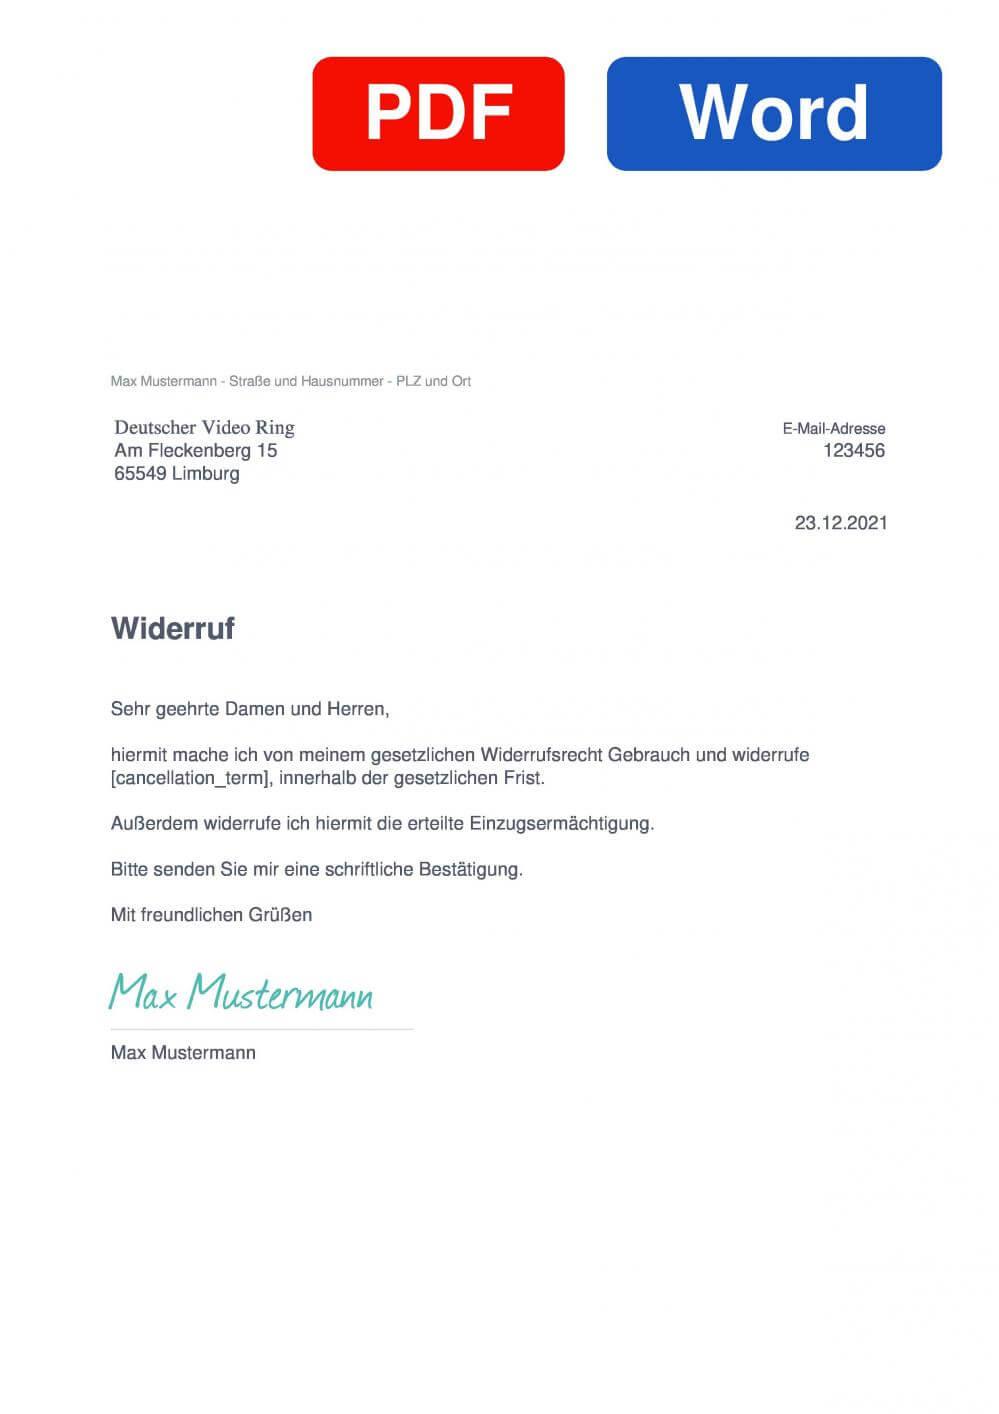 Deutscher Video Ring Muster Vorlage für Wiederrufsschreiben